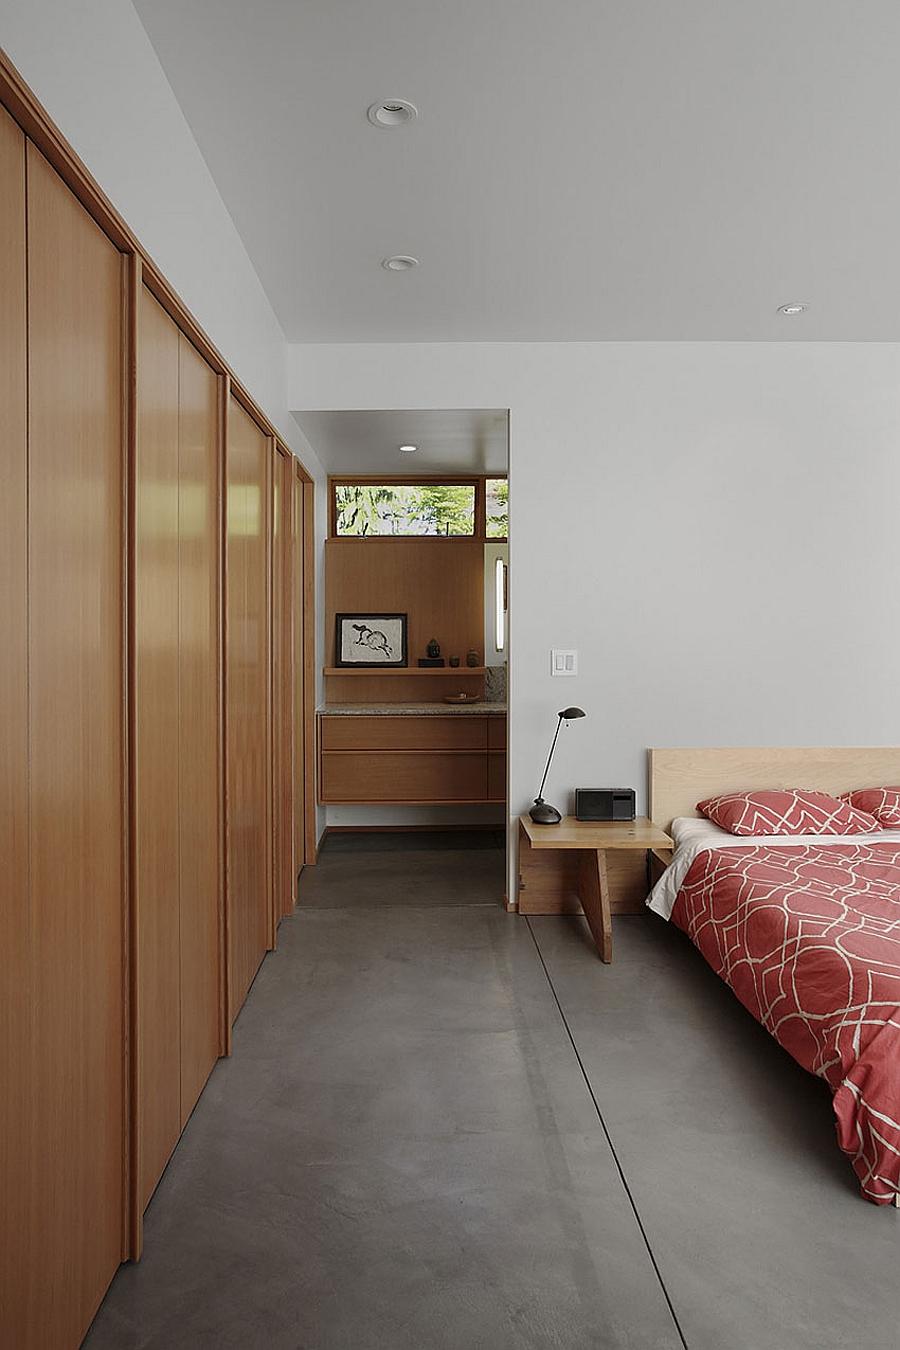 Sleek bedside nightstand and lighting idea